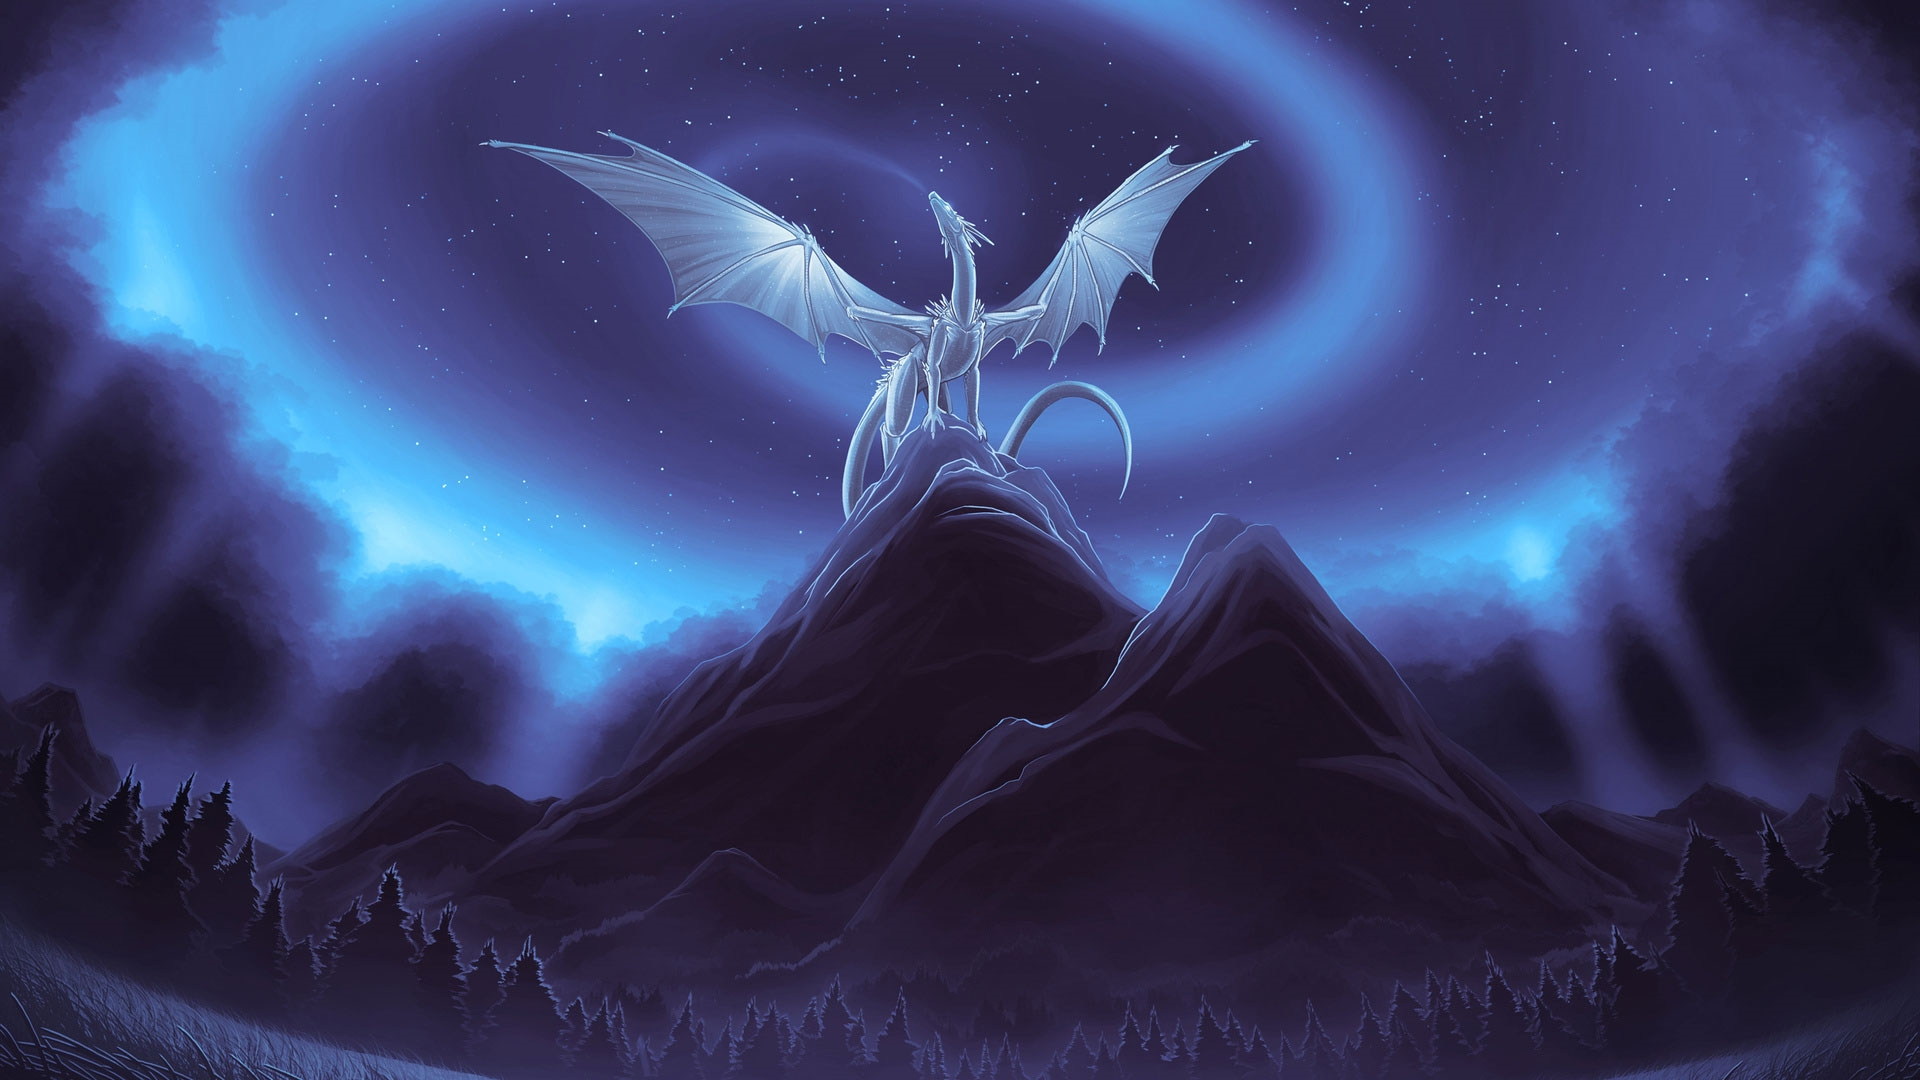 Драконы заставки на рабочий стол   лучшие обои (20)